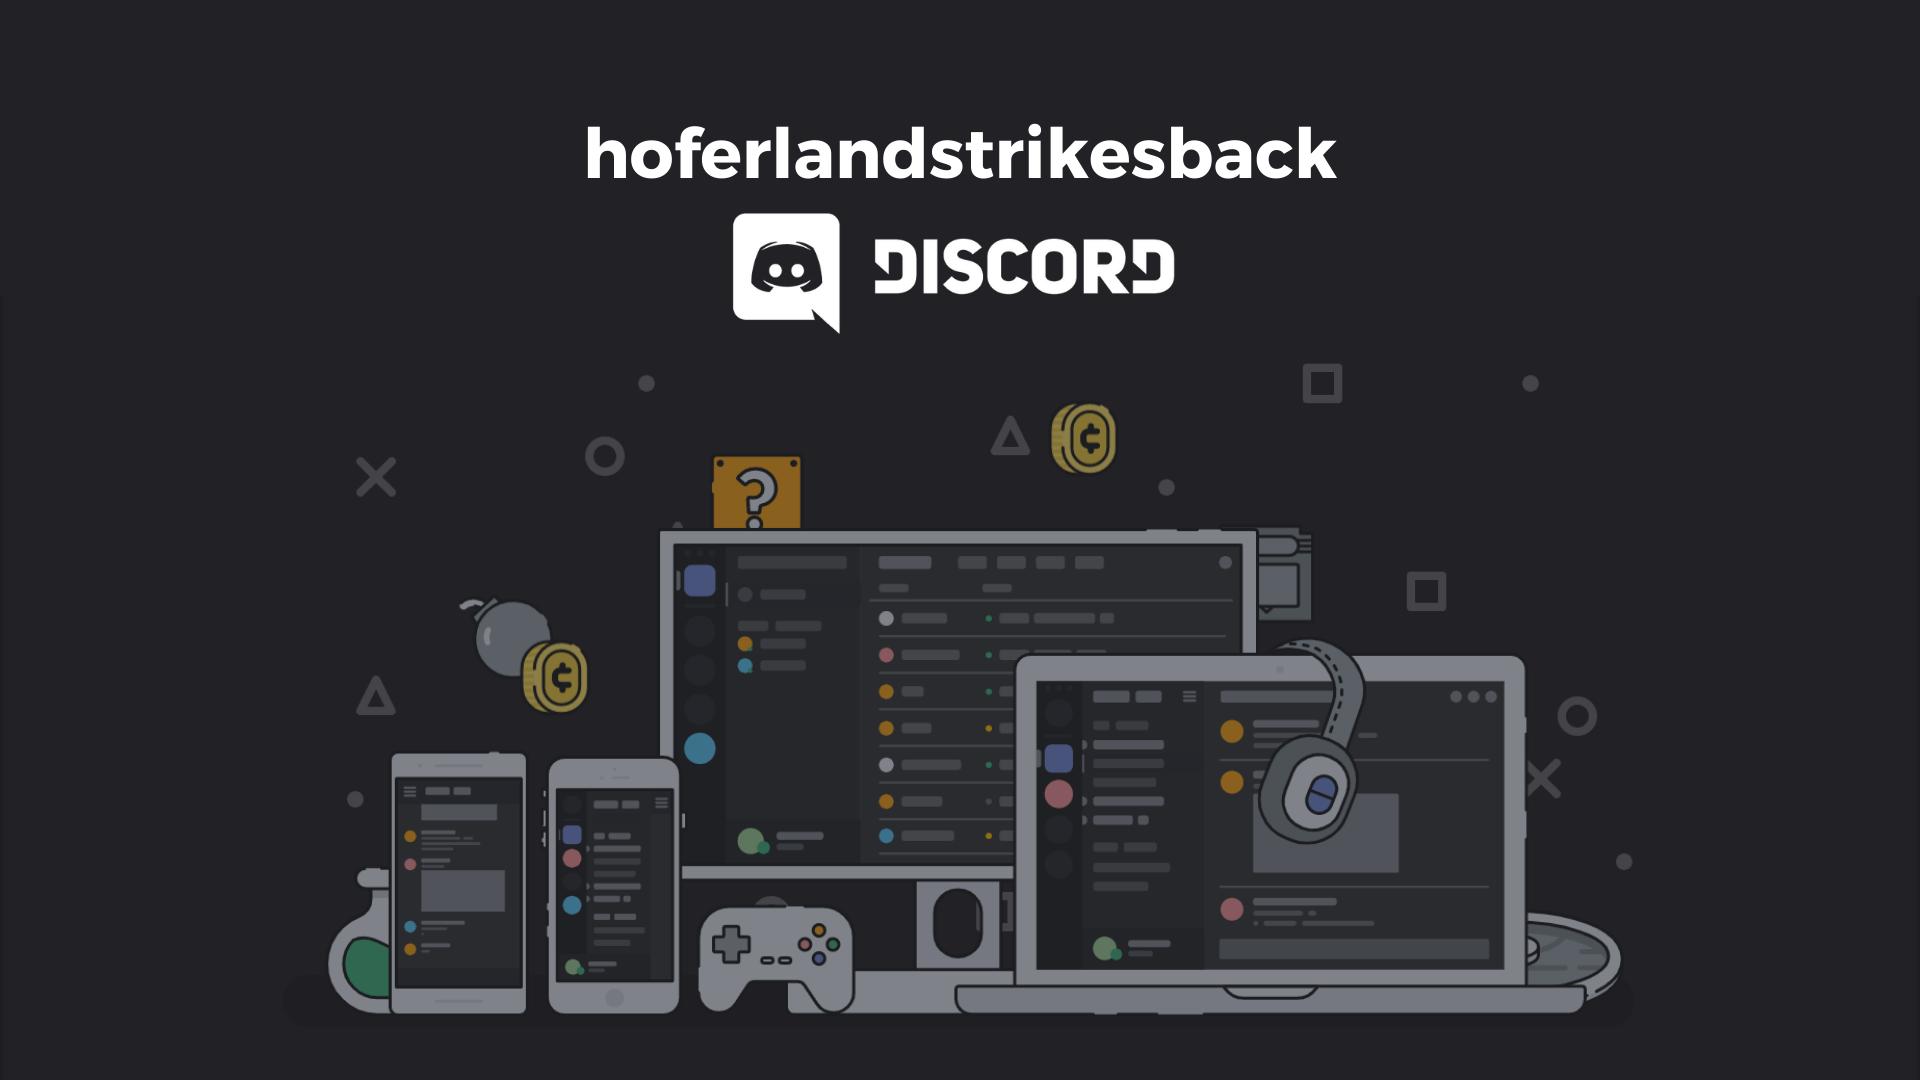 Jugendarbeit digital - Hoferlandstrikesback Discord-Server